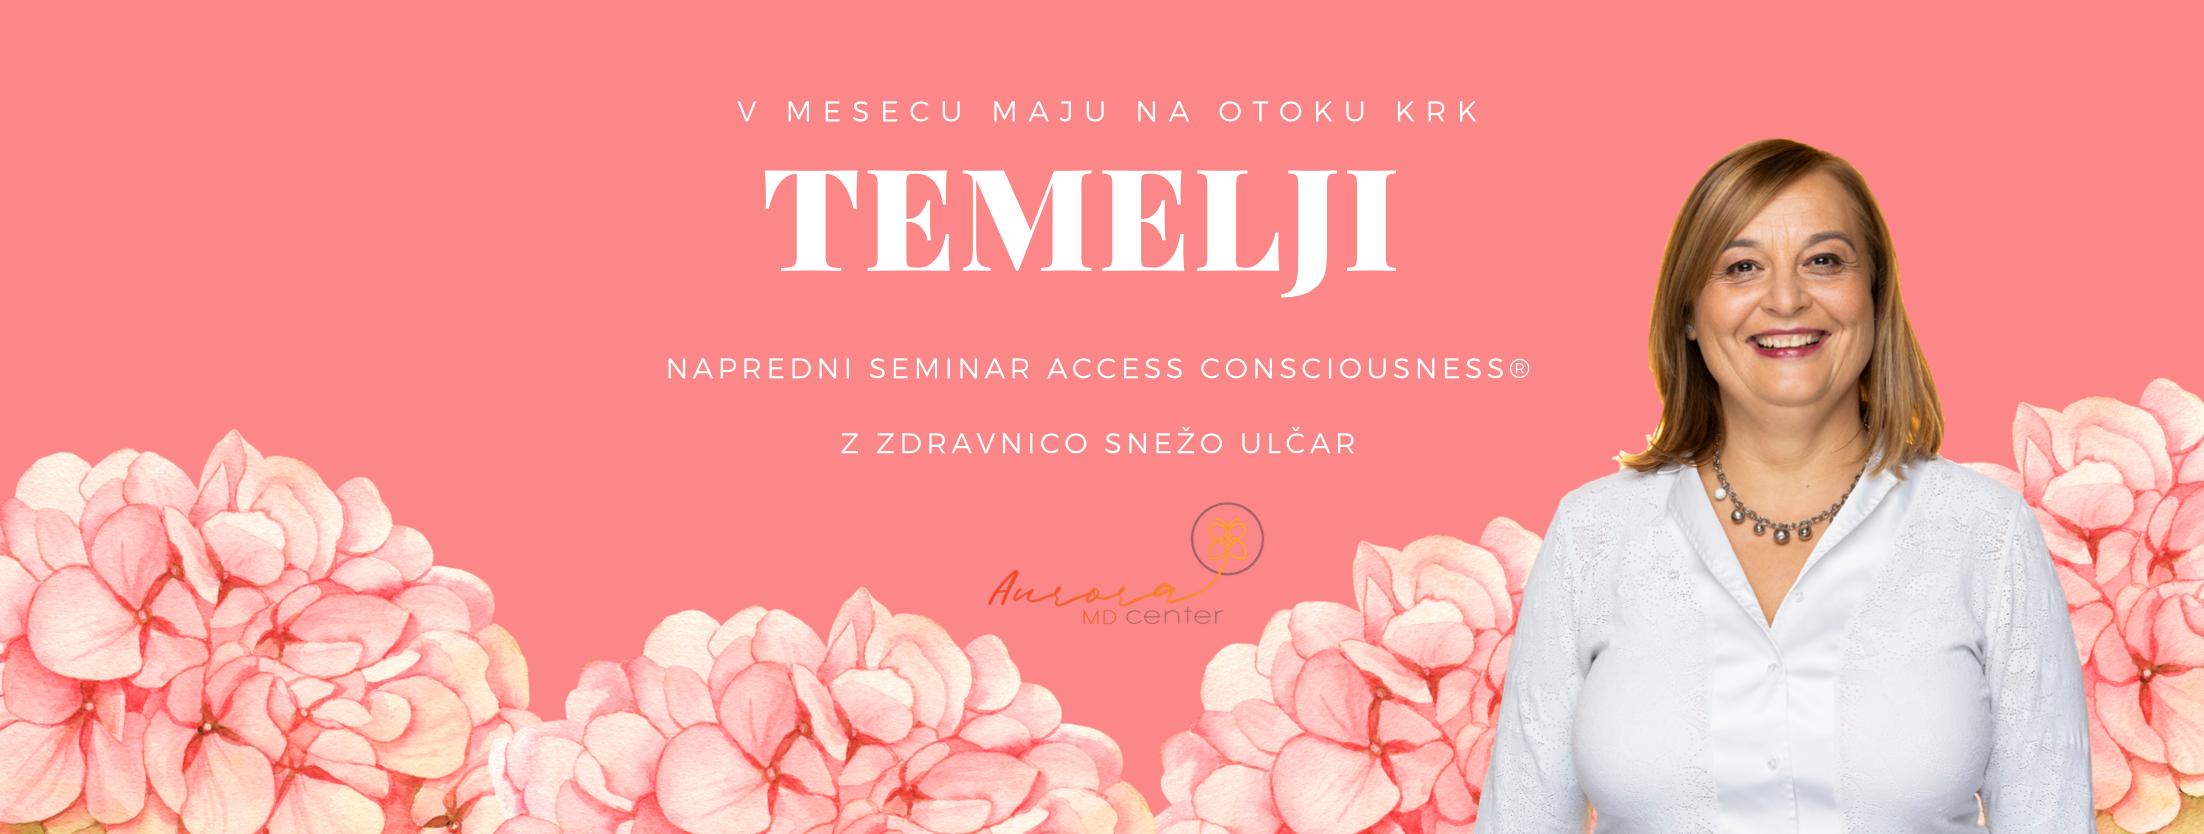 Seminar TEMELJI z zdravnico na morju, 1.-4.5.2019